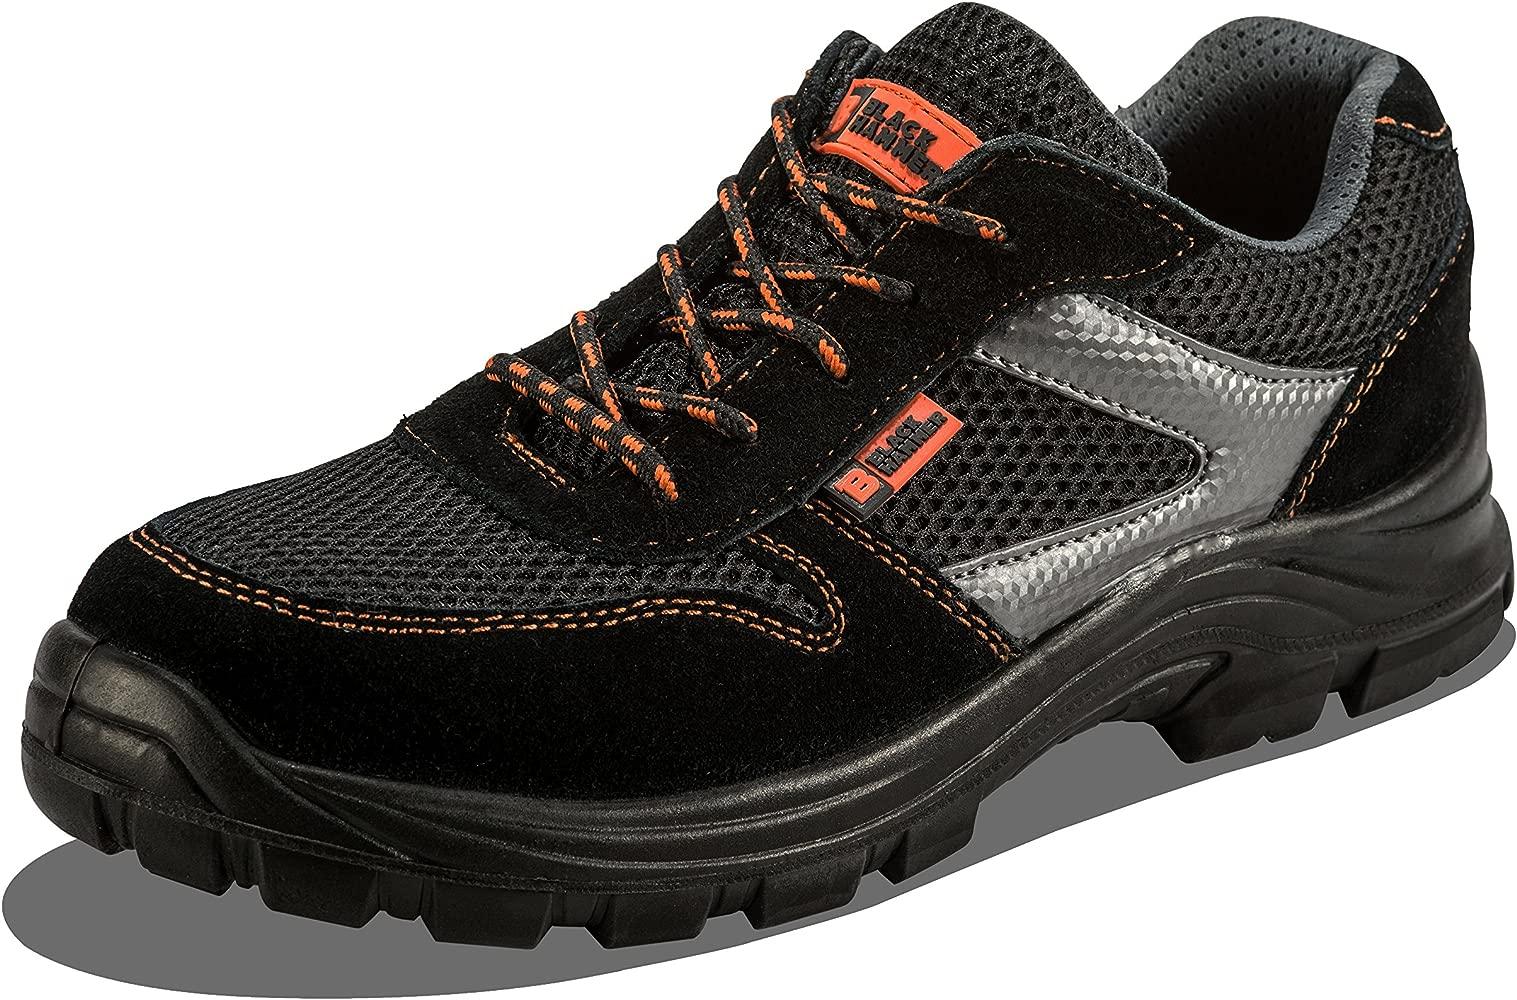 Calzado Deportivo Masculino de Seguridad con Puntera Ultraligera de Zapatos de Trabajo al Tobillo Kevlar S1P SRC 1997 Black Hammer